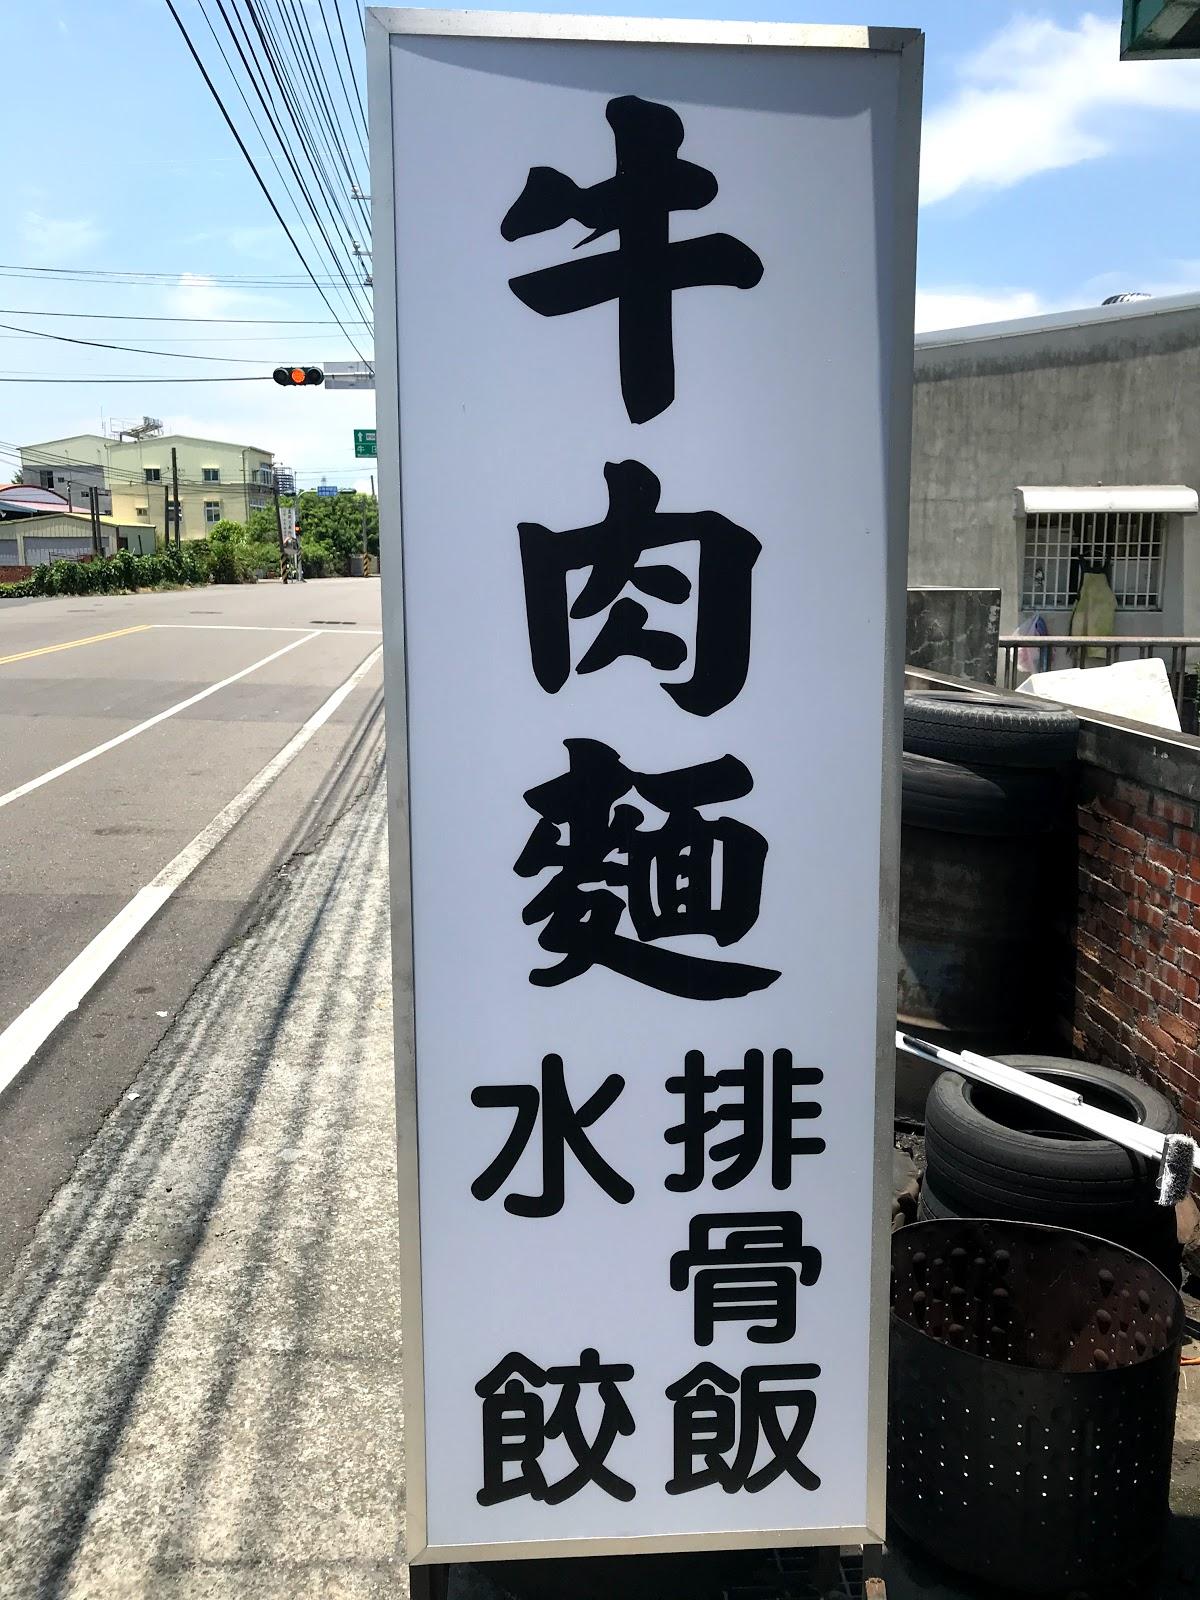 【台南|善化】虞庄牛肉麵|拖板車司機真心推薦|內行人才知道|絕對不要貿然點大份的|台南川文山半日遊(一)